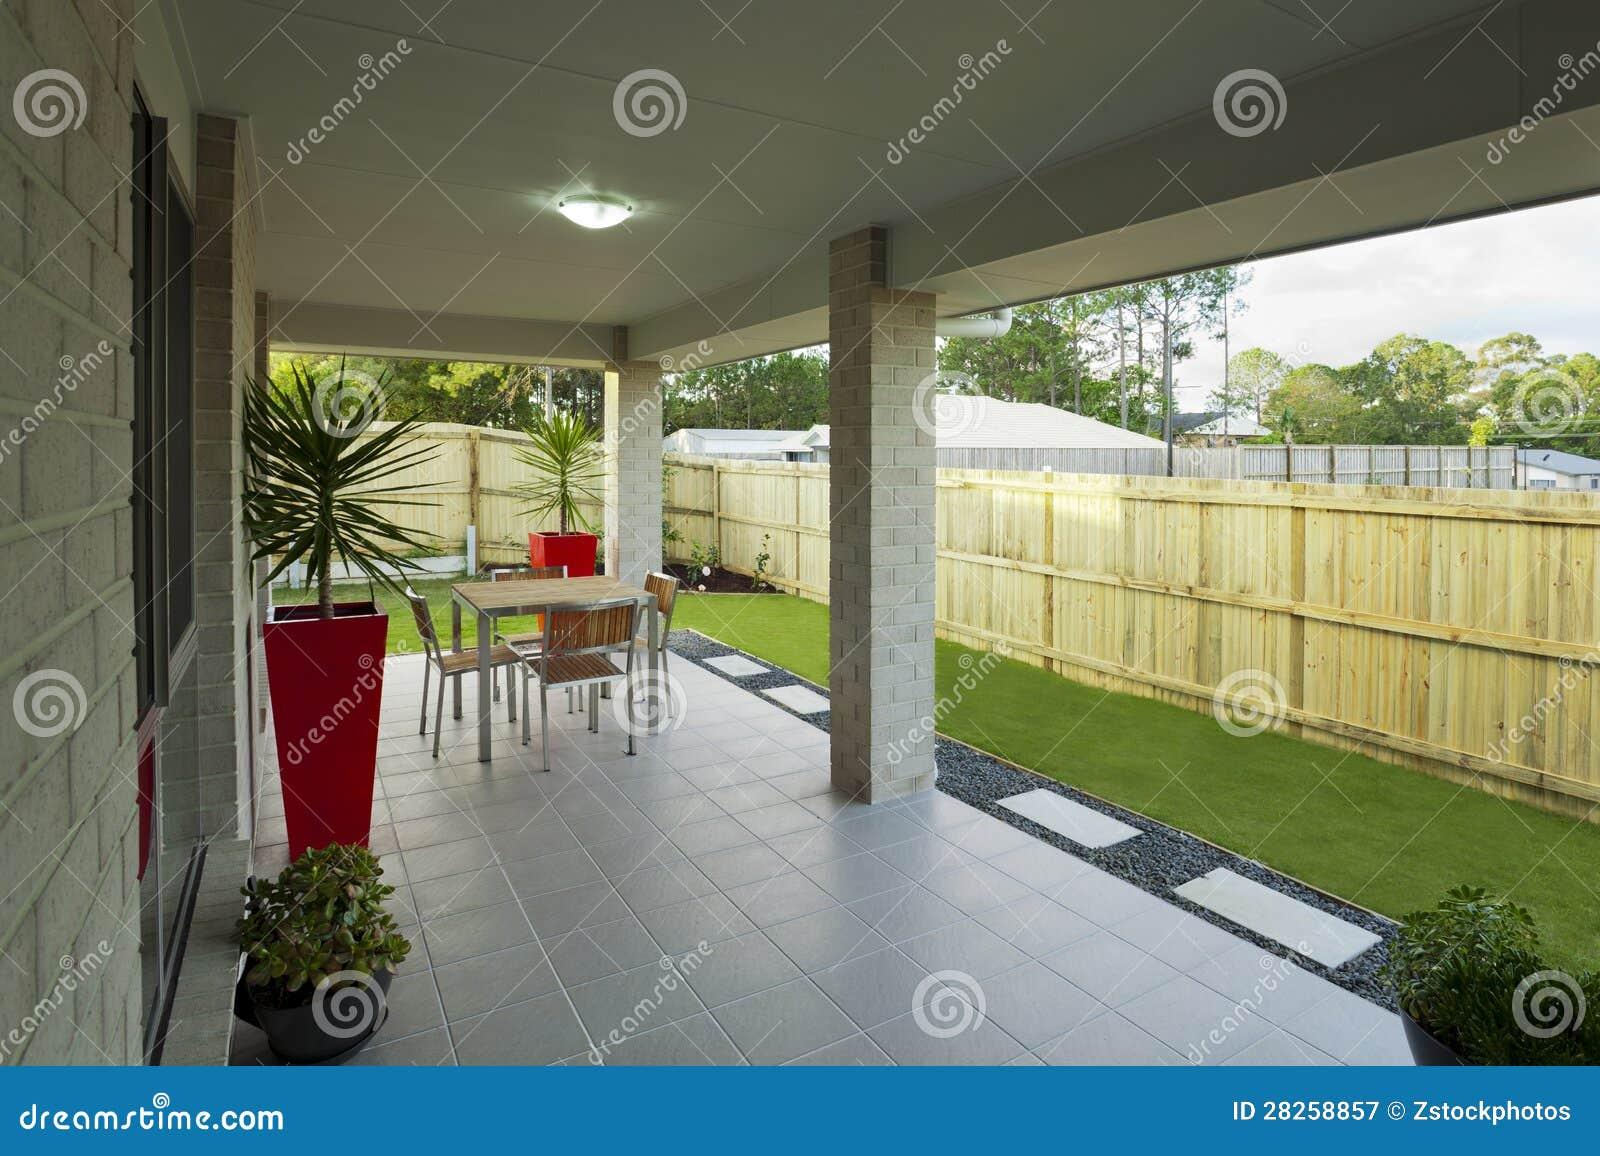 garden design garden design with outdoor patio ideas modern